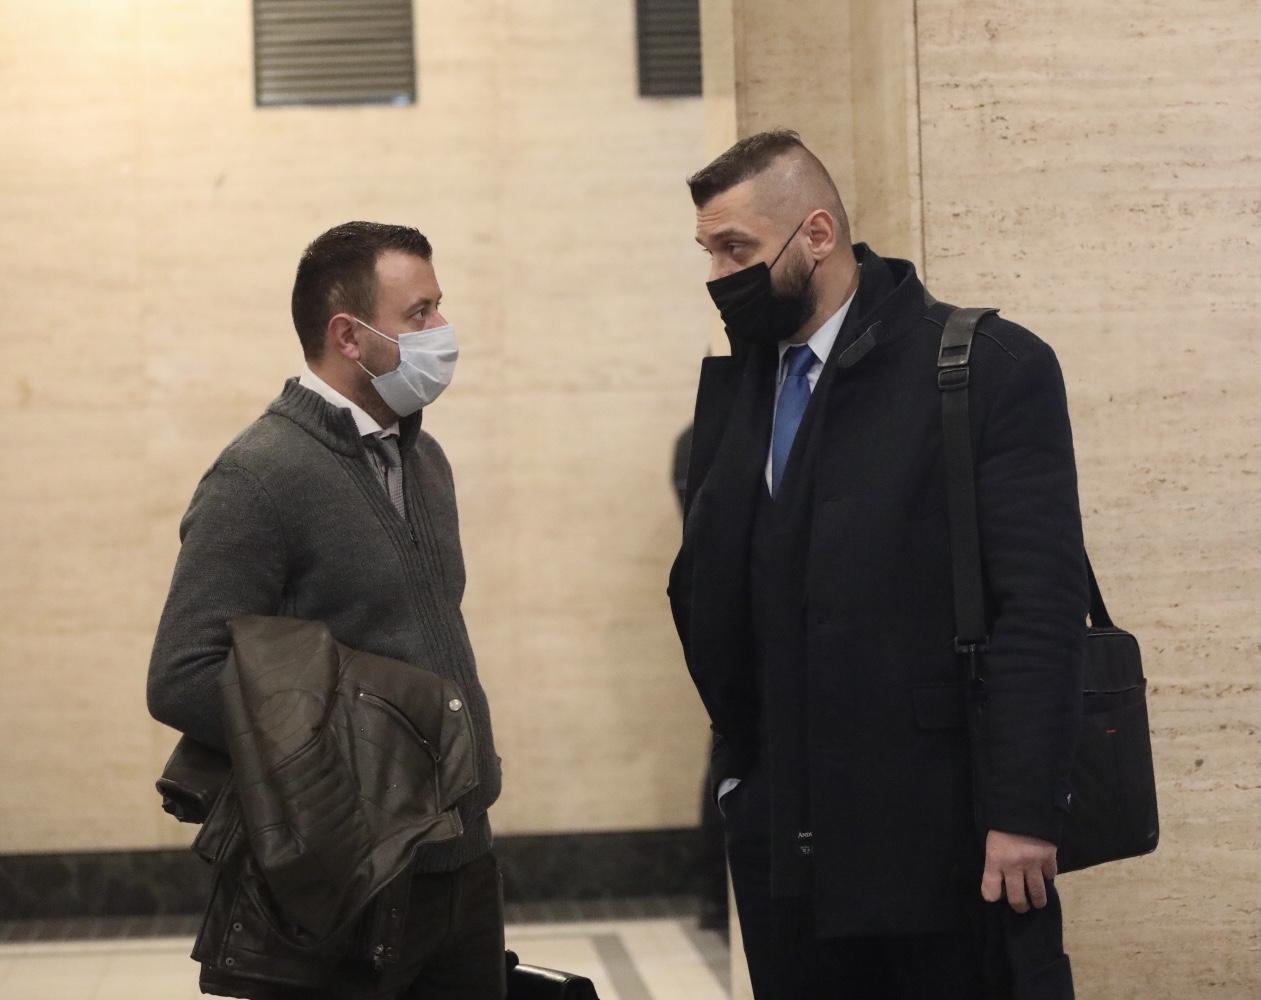 <p>В Софийския градски съда започна делото за заличаването на партия &quot;Възраждане&quot;. Процесът е искане на прокуратурата, която през лятото оповести, че открила нередности в учредяването на партията преди 6 години.</p>